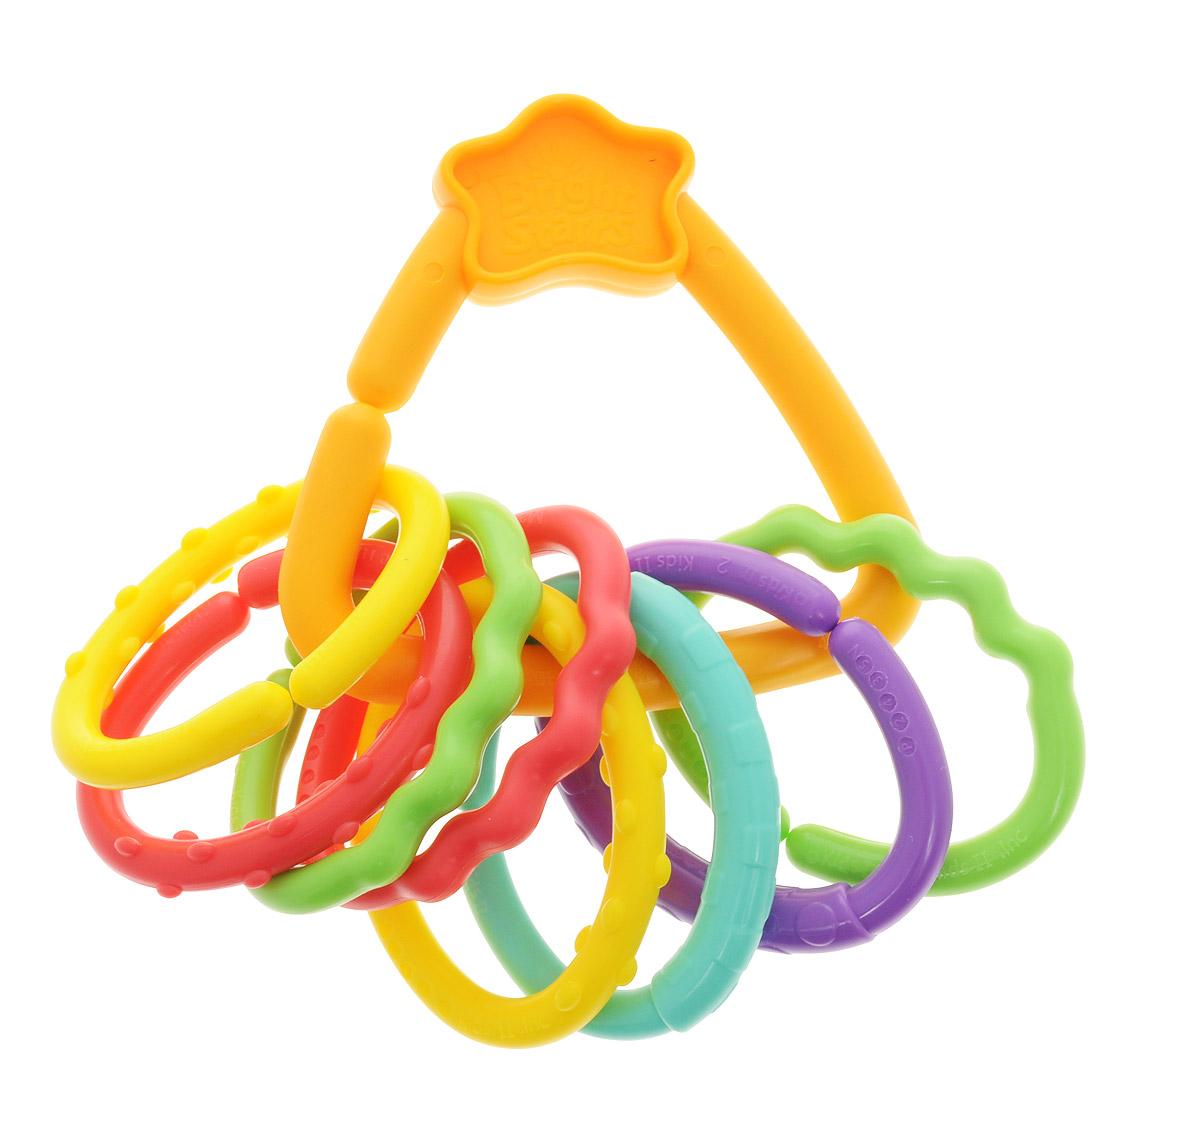 Bright Starts Развивающая игрушка Веселые колечки10228Яркая красочная игрушка Веселые колечки, непременно, привлечет внимание вашего малыша и не позволит ему скучать. Игрушка представляет собой треугольное кольцо-основу, к которому прикреплены восемь разноцветных разъемных колец. Колечки можно вешать на основу в любом порядке. Кольца выполнены из пластика с различными выступающими элементами. При помощи разъемных колец игрушку можно закрепить на кроватке или коляске. Игрушку можно использовать в качестве прорезывателя. Игрушка поможет вашему малышу познакомиться с основными цветами, развить мелкую моторику рук и координацию движений.